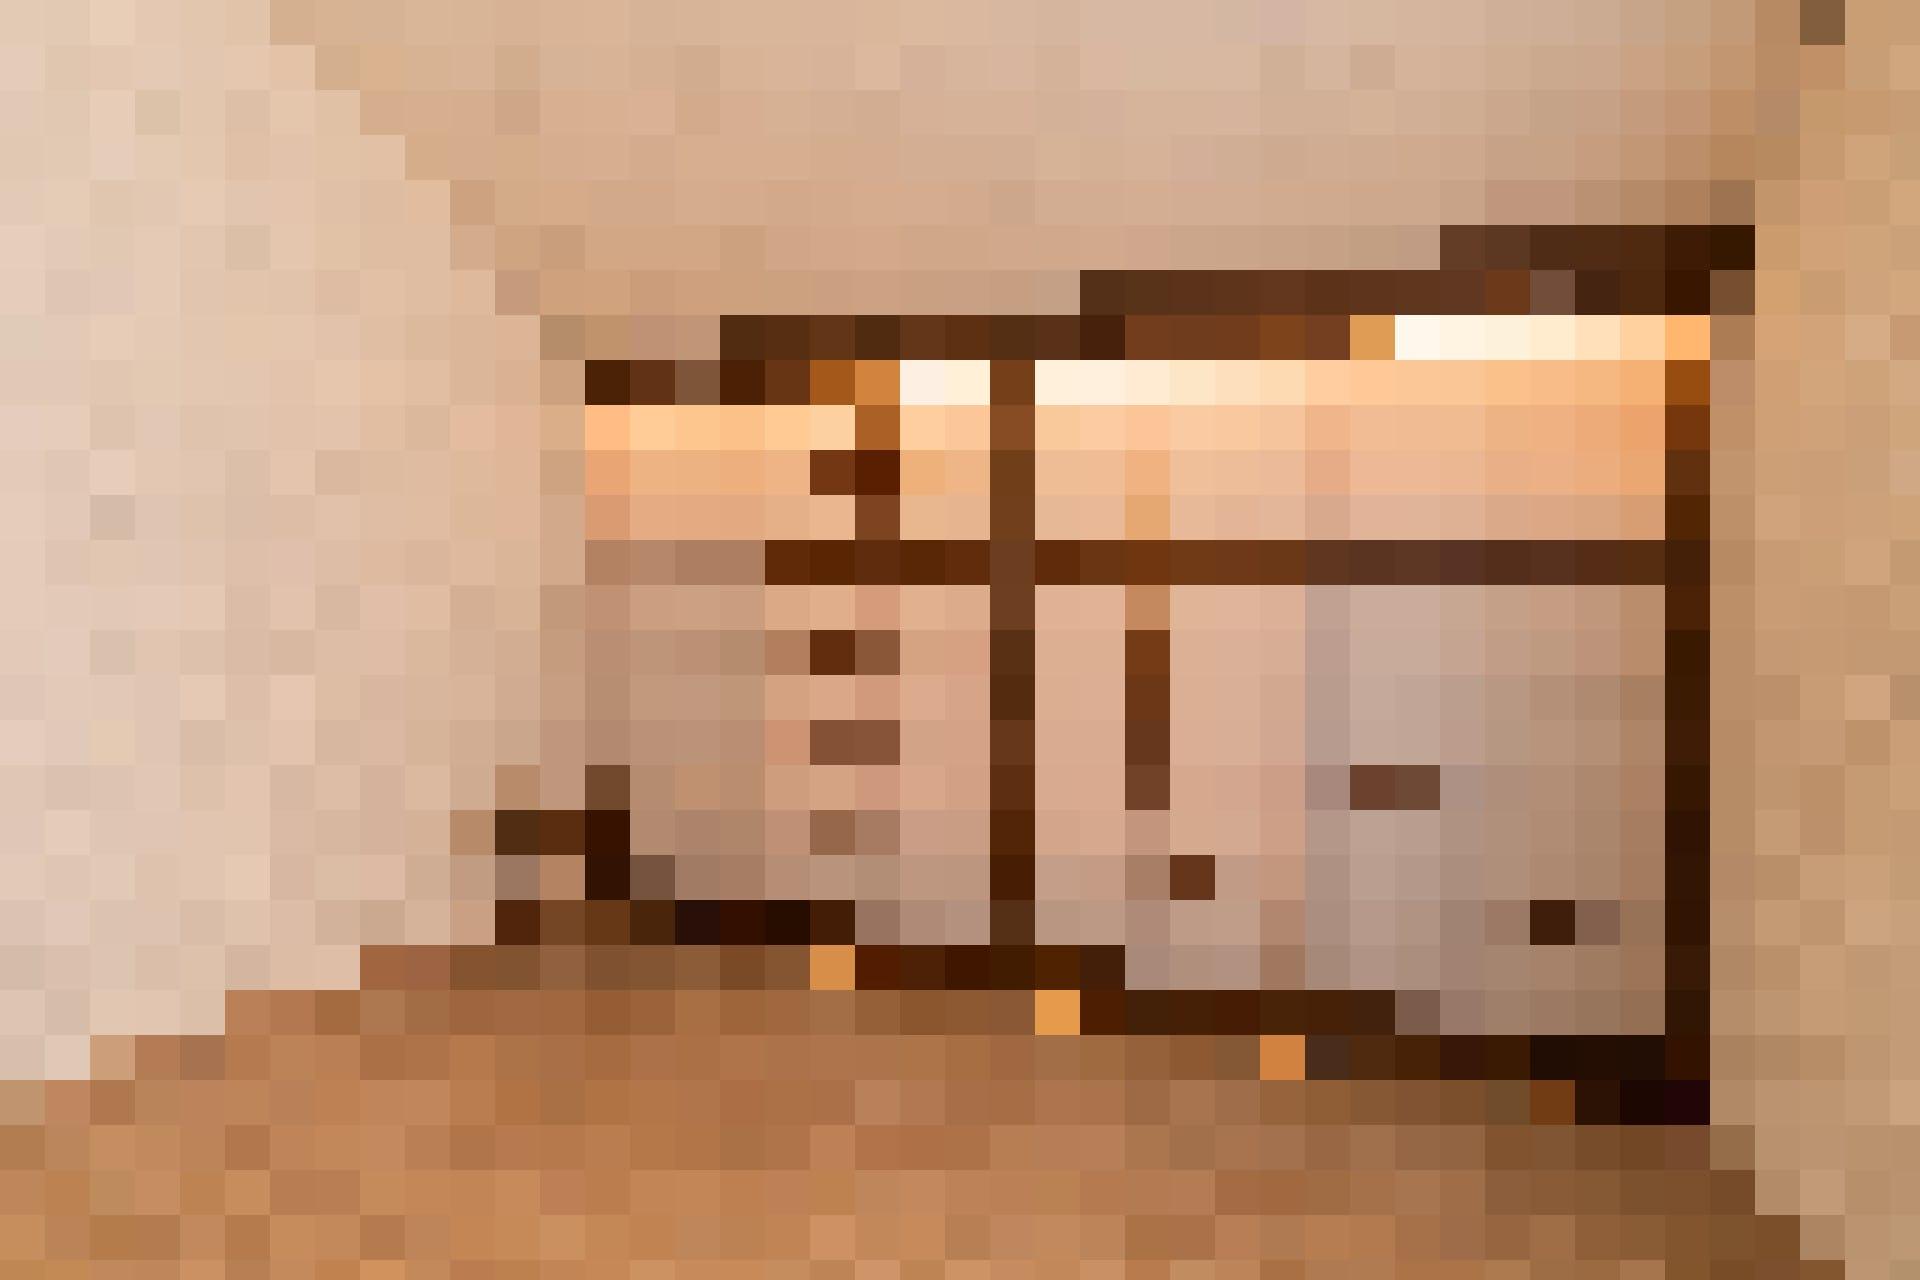 Ein weiterer Blickfang ist der Schrank mit den traditionellen japanischen Shoji-Schiebetüren. Er ersetzt den Einbauschrank, der sich vorher da befunde...